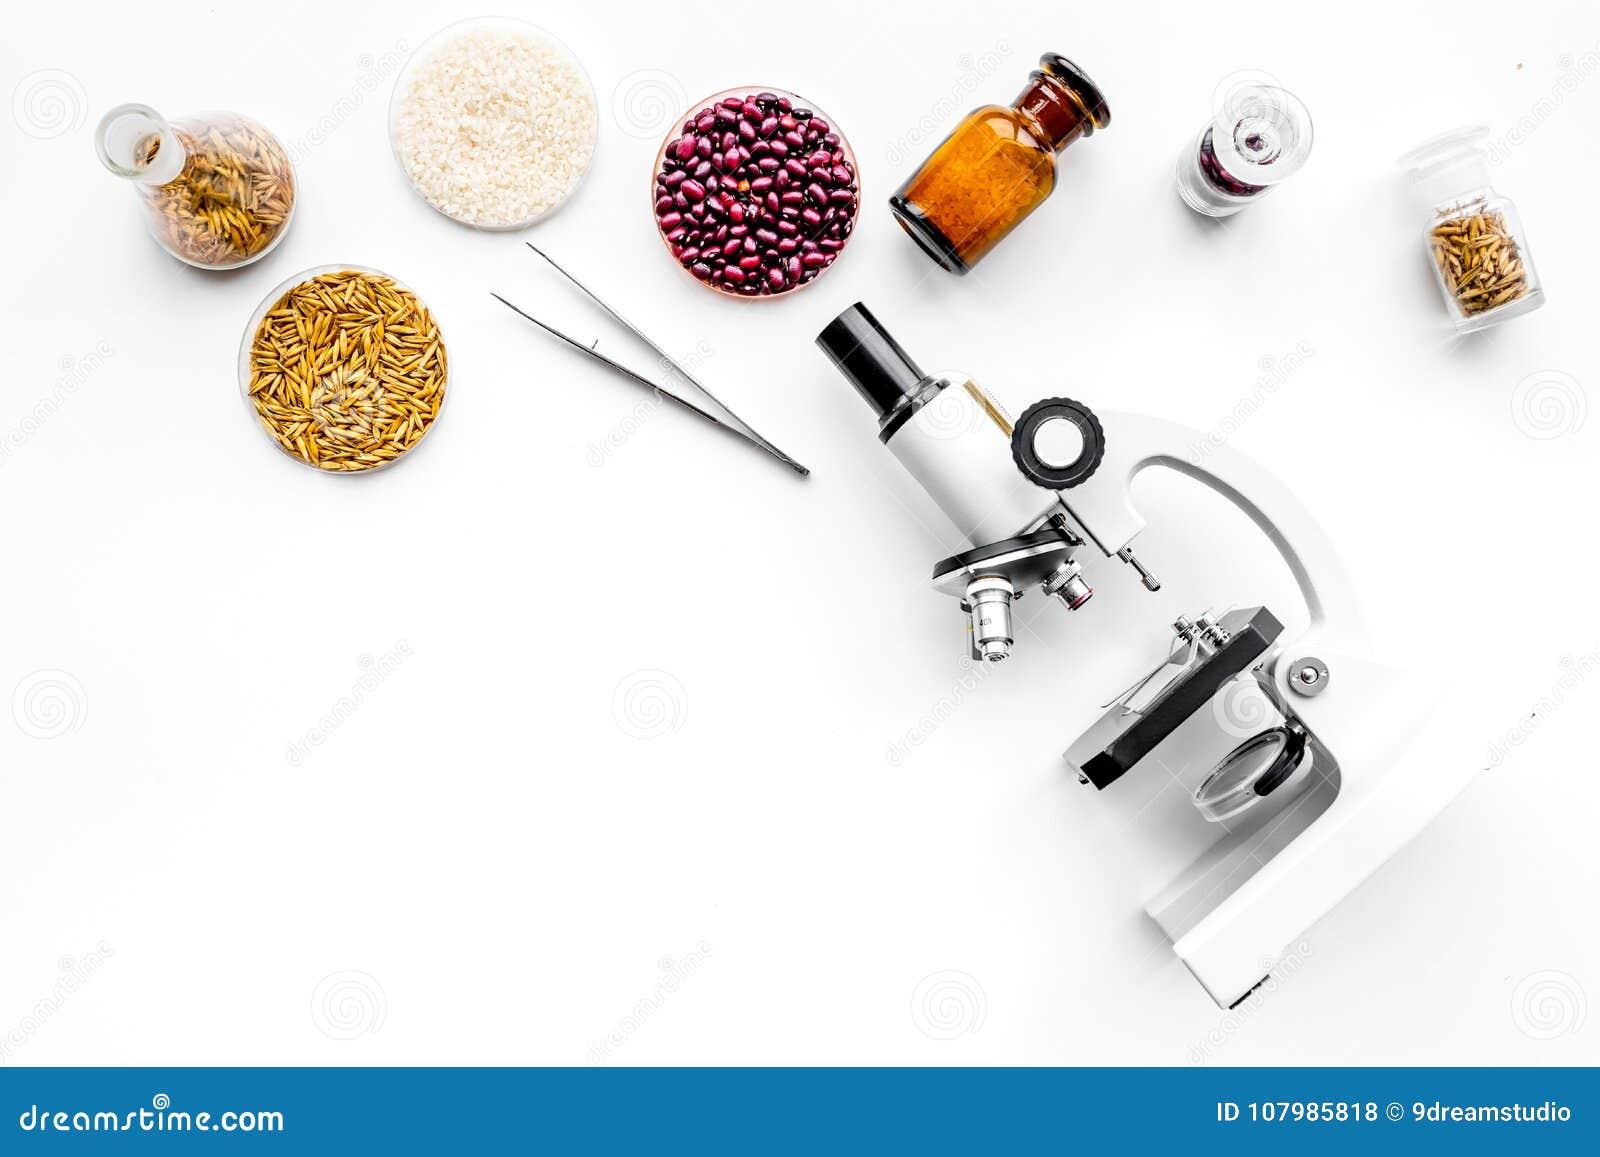 Bezpieczeństwo żywnościowe Banatka, ryż i czerwone fasole blisko mikroskopu na białej tło odgórnego widoku kopii przestrzeni,